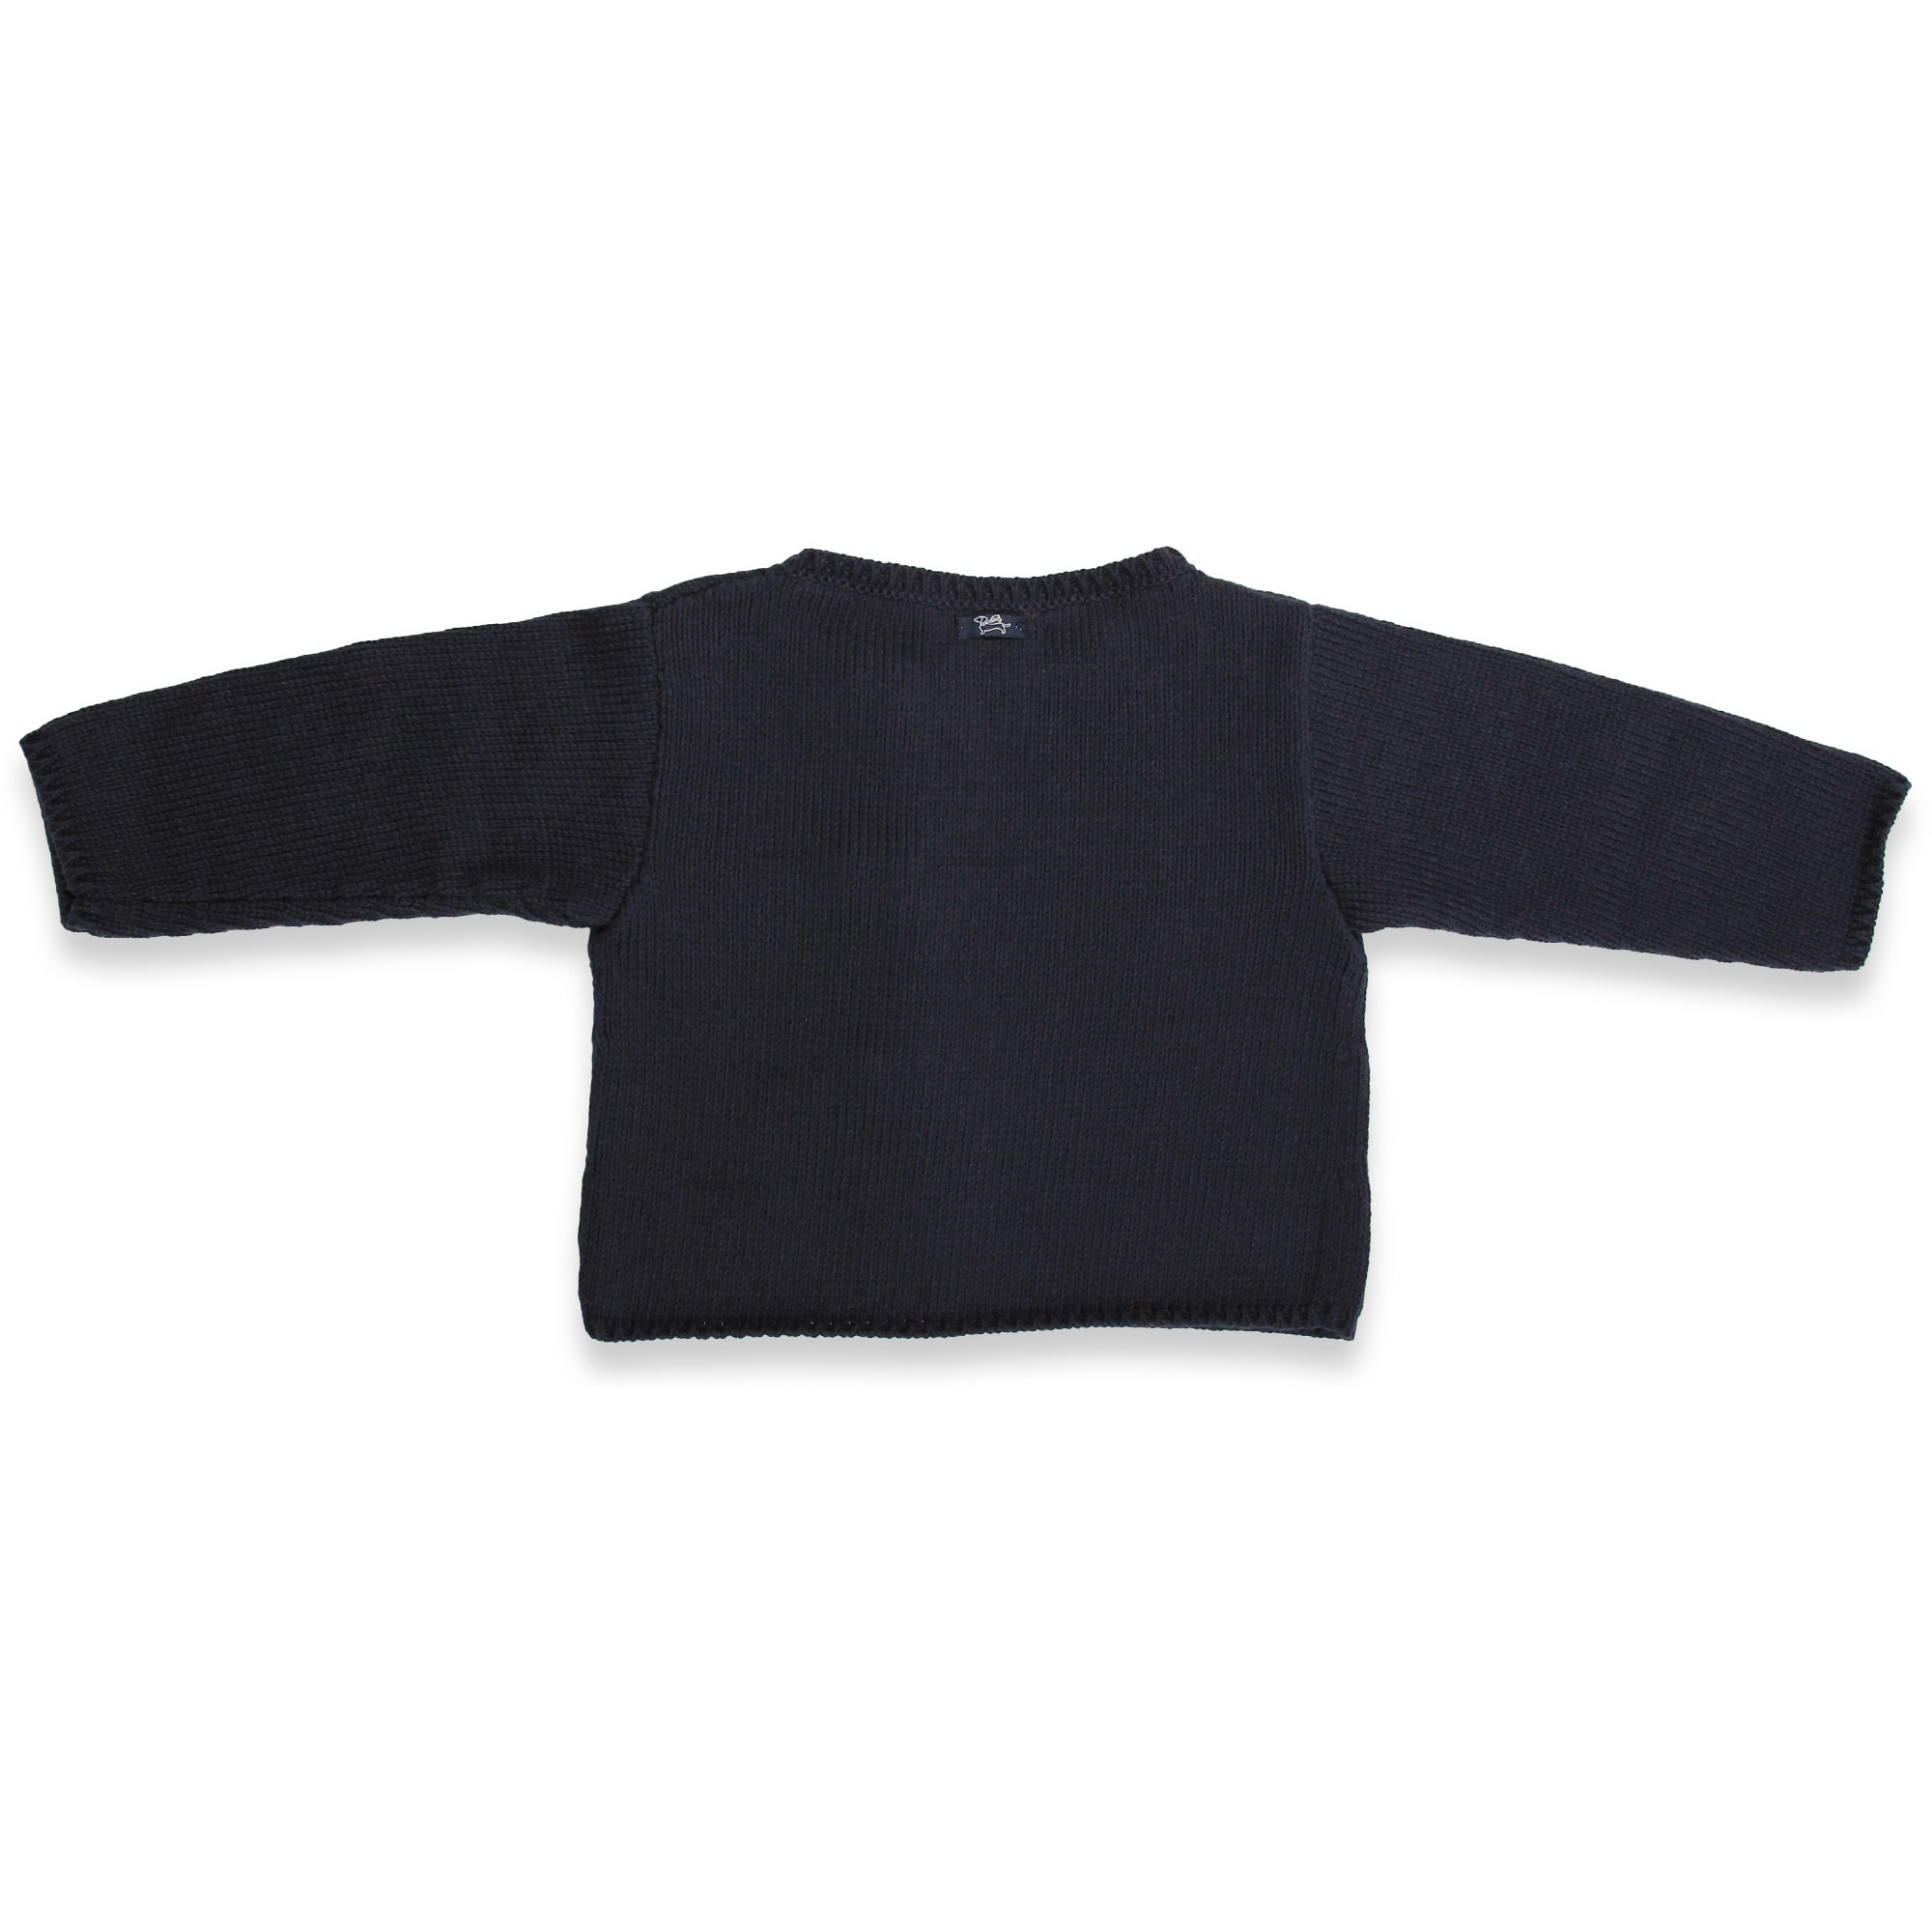 Gilet bébé bleu marine en coton et cachemire avec boutons bois tricoté en point jersey